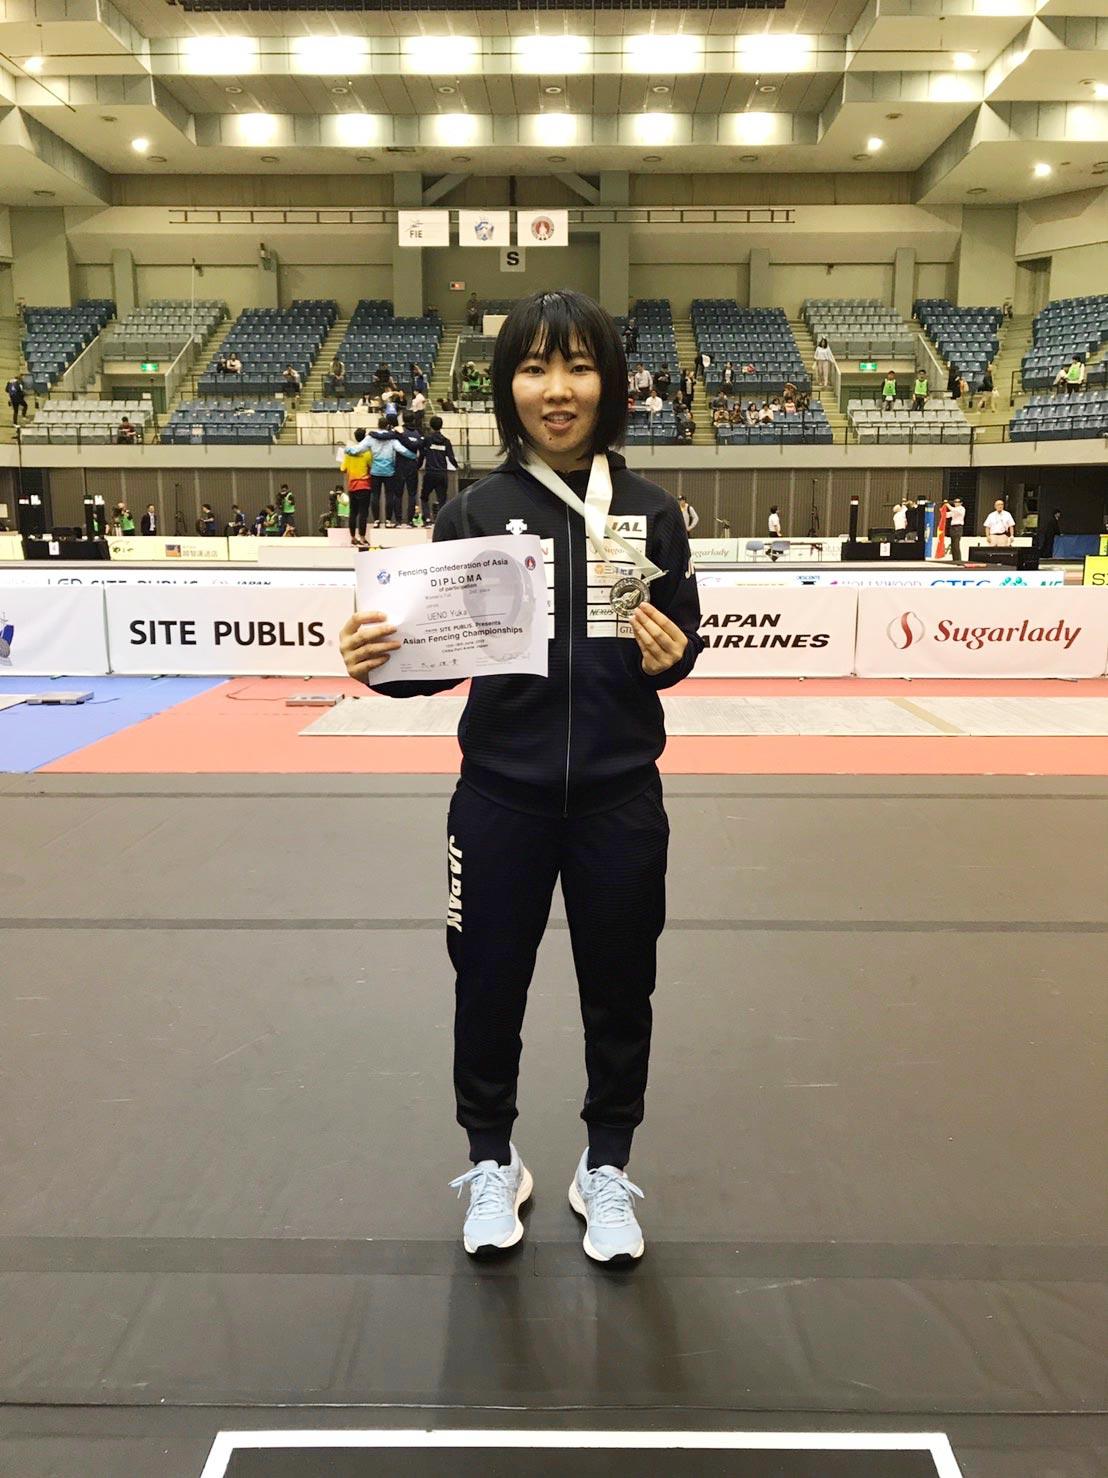 星槎国際高校川口3年の上野優佳さんが、見事、銀メダルを獲得。